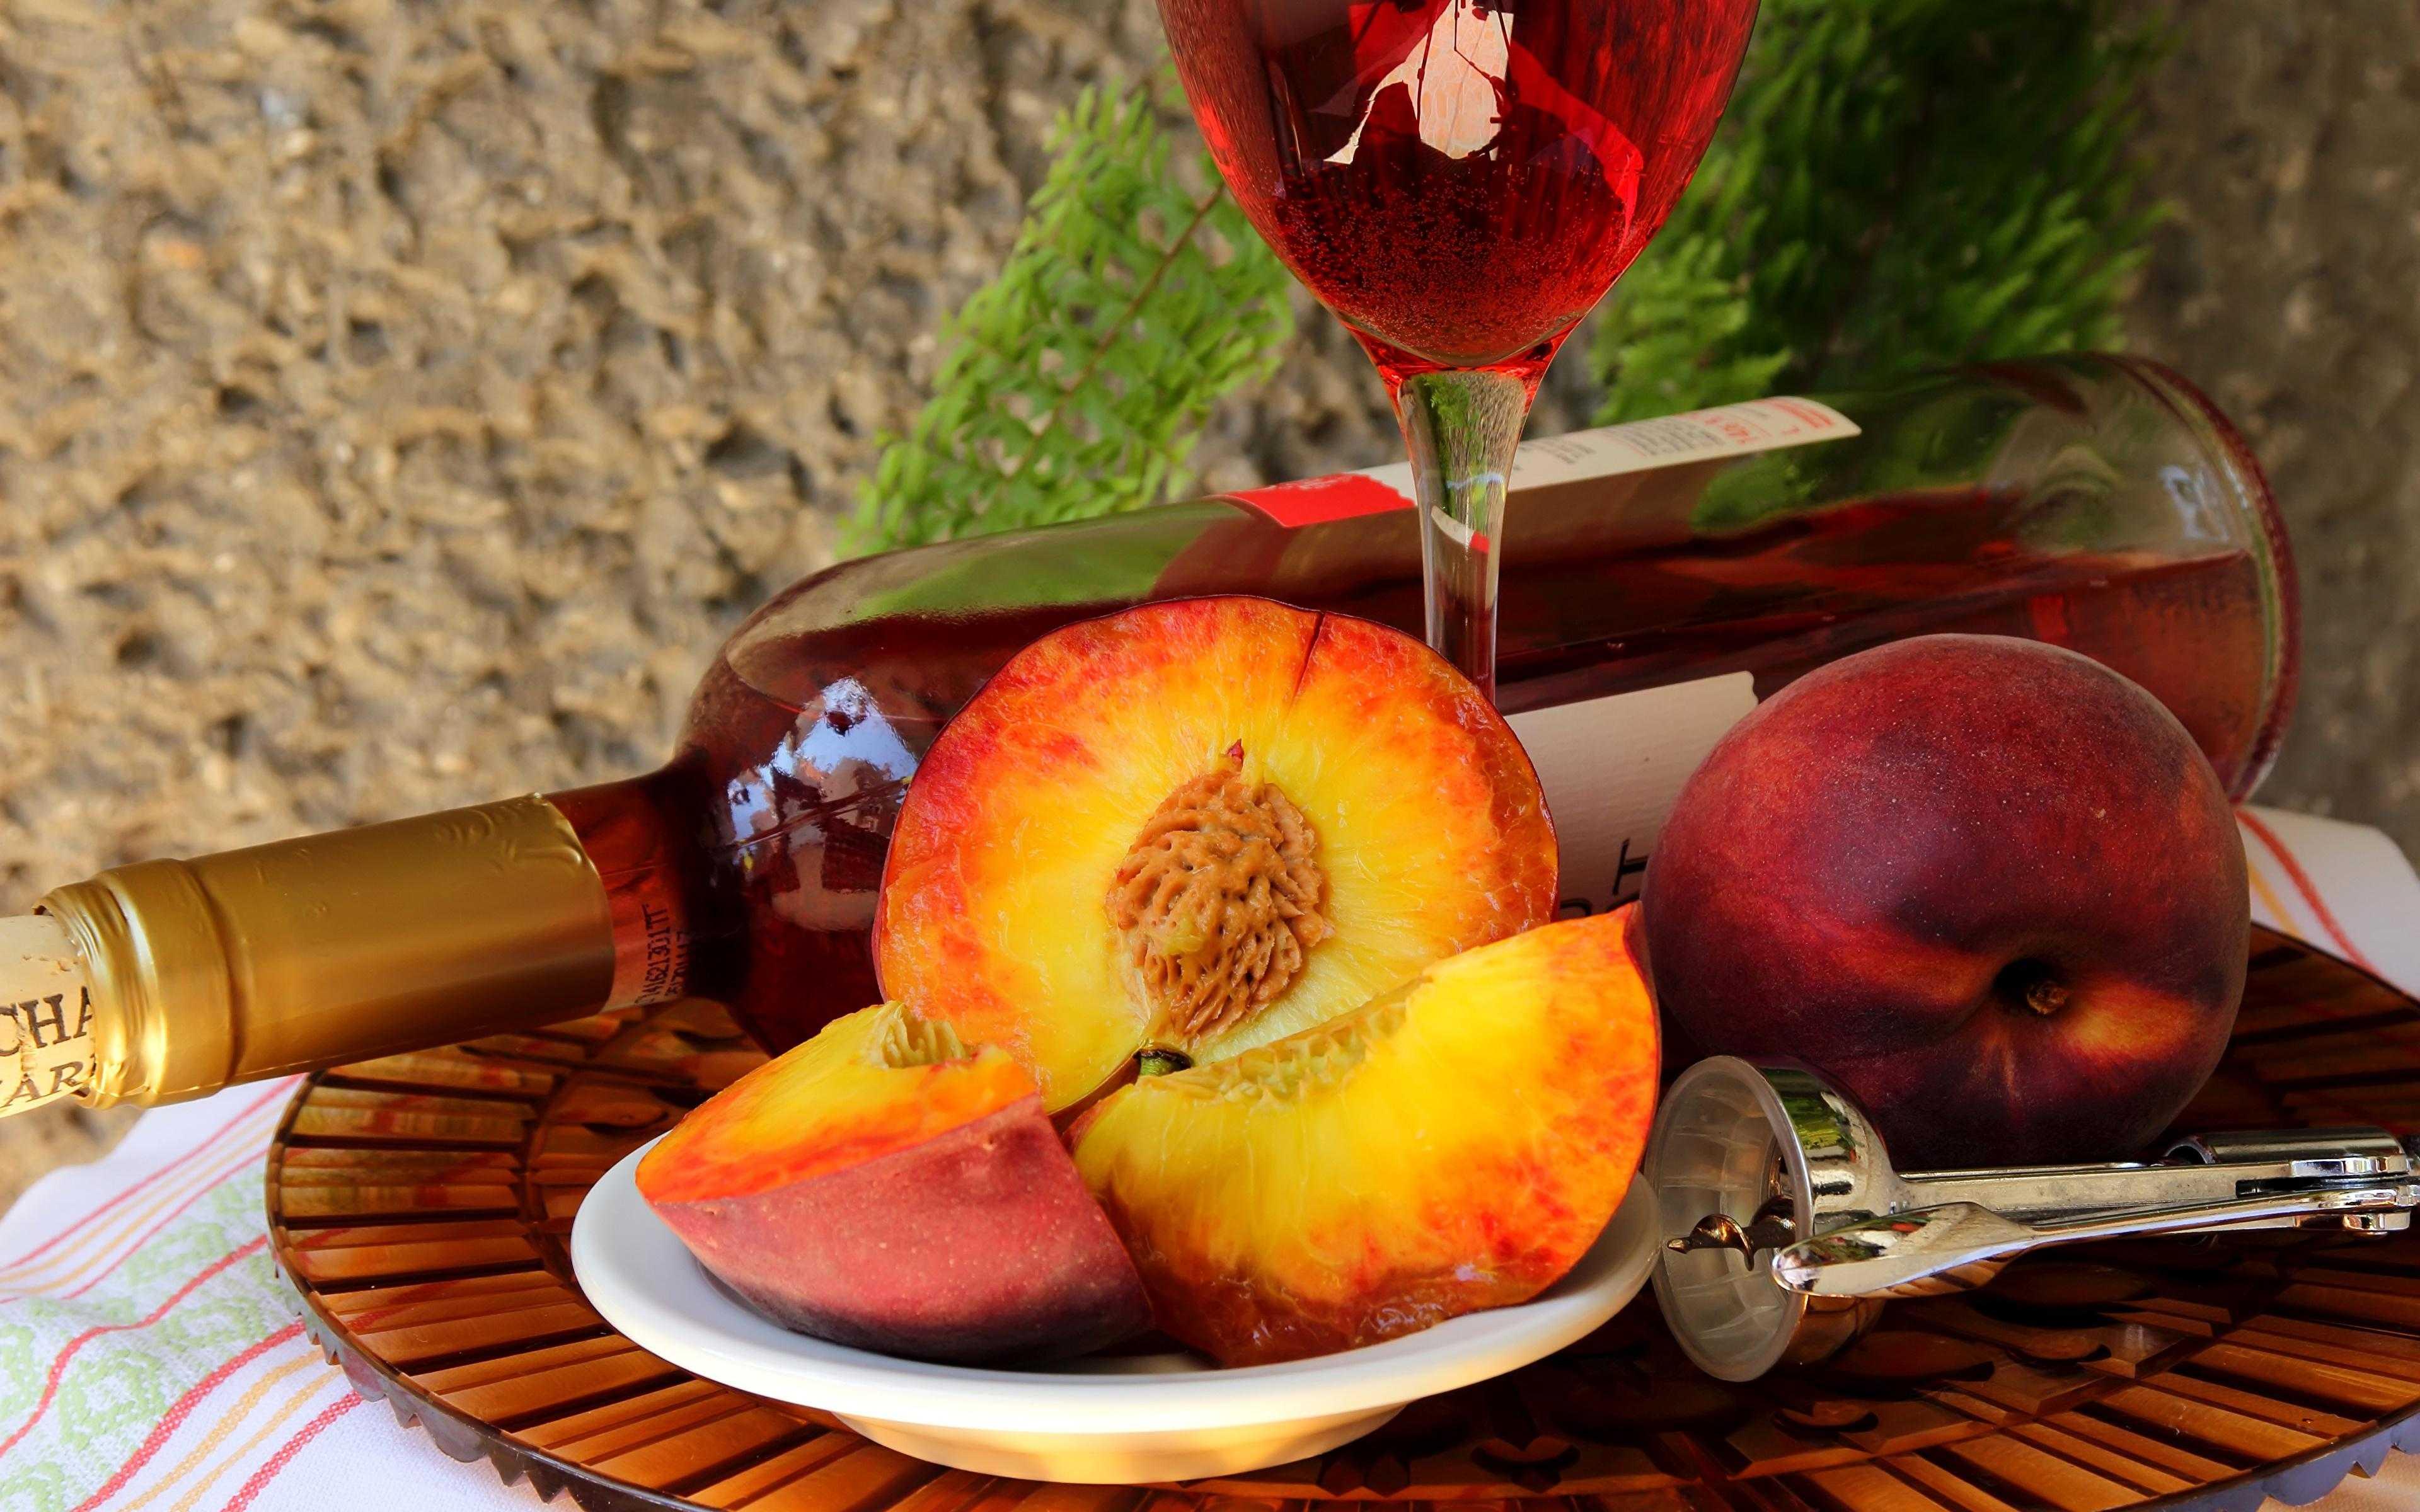 Рецепты приготовления абрикосового вина в домашних условиях - продукталко